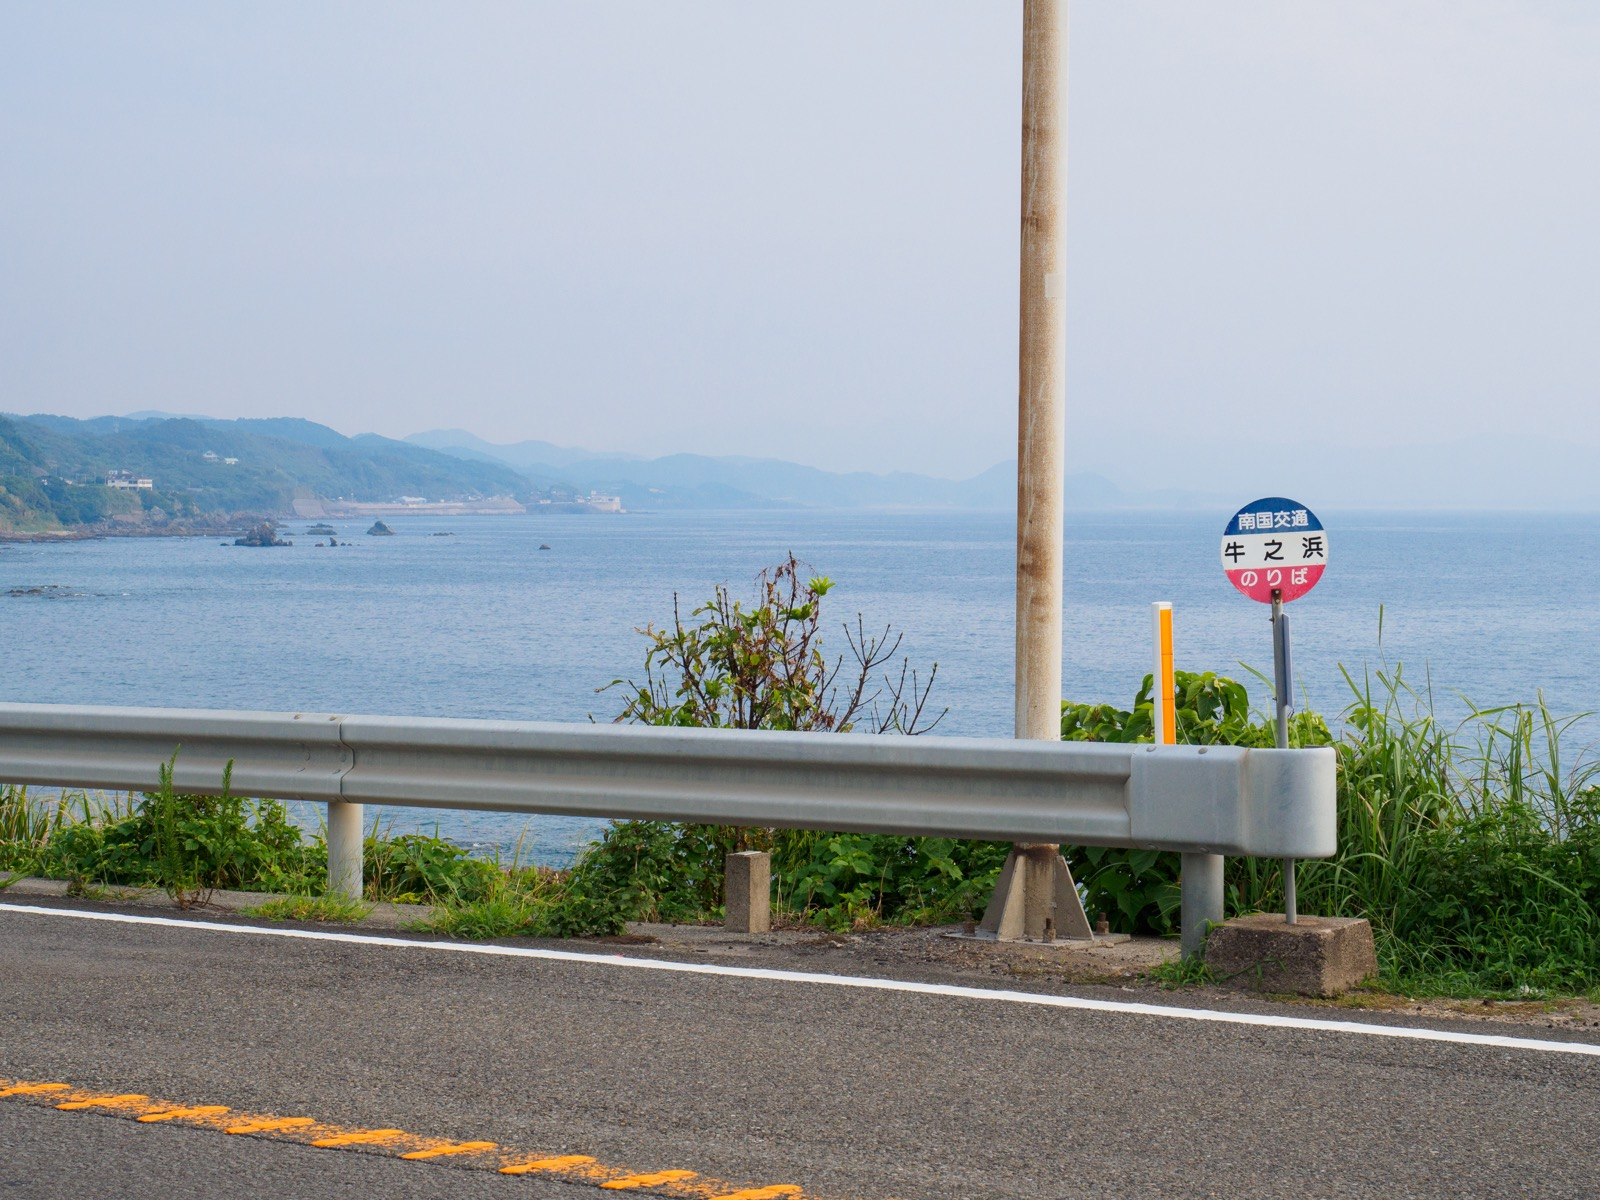 牛ノ浜駅前にある南国バスの「牛之浜」バス停